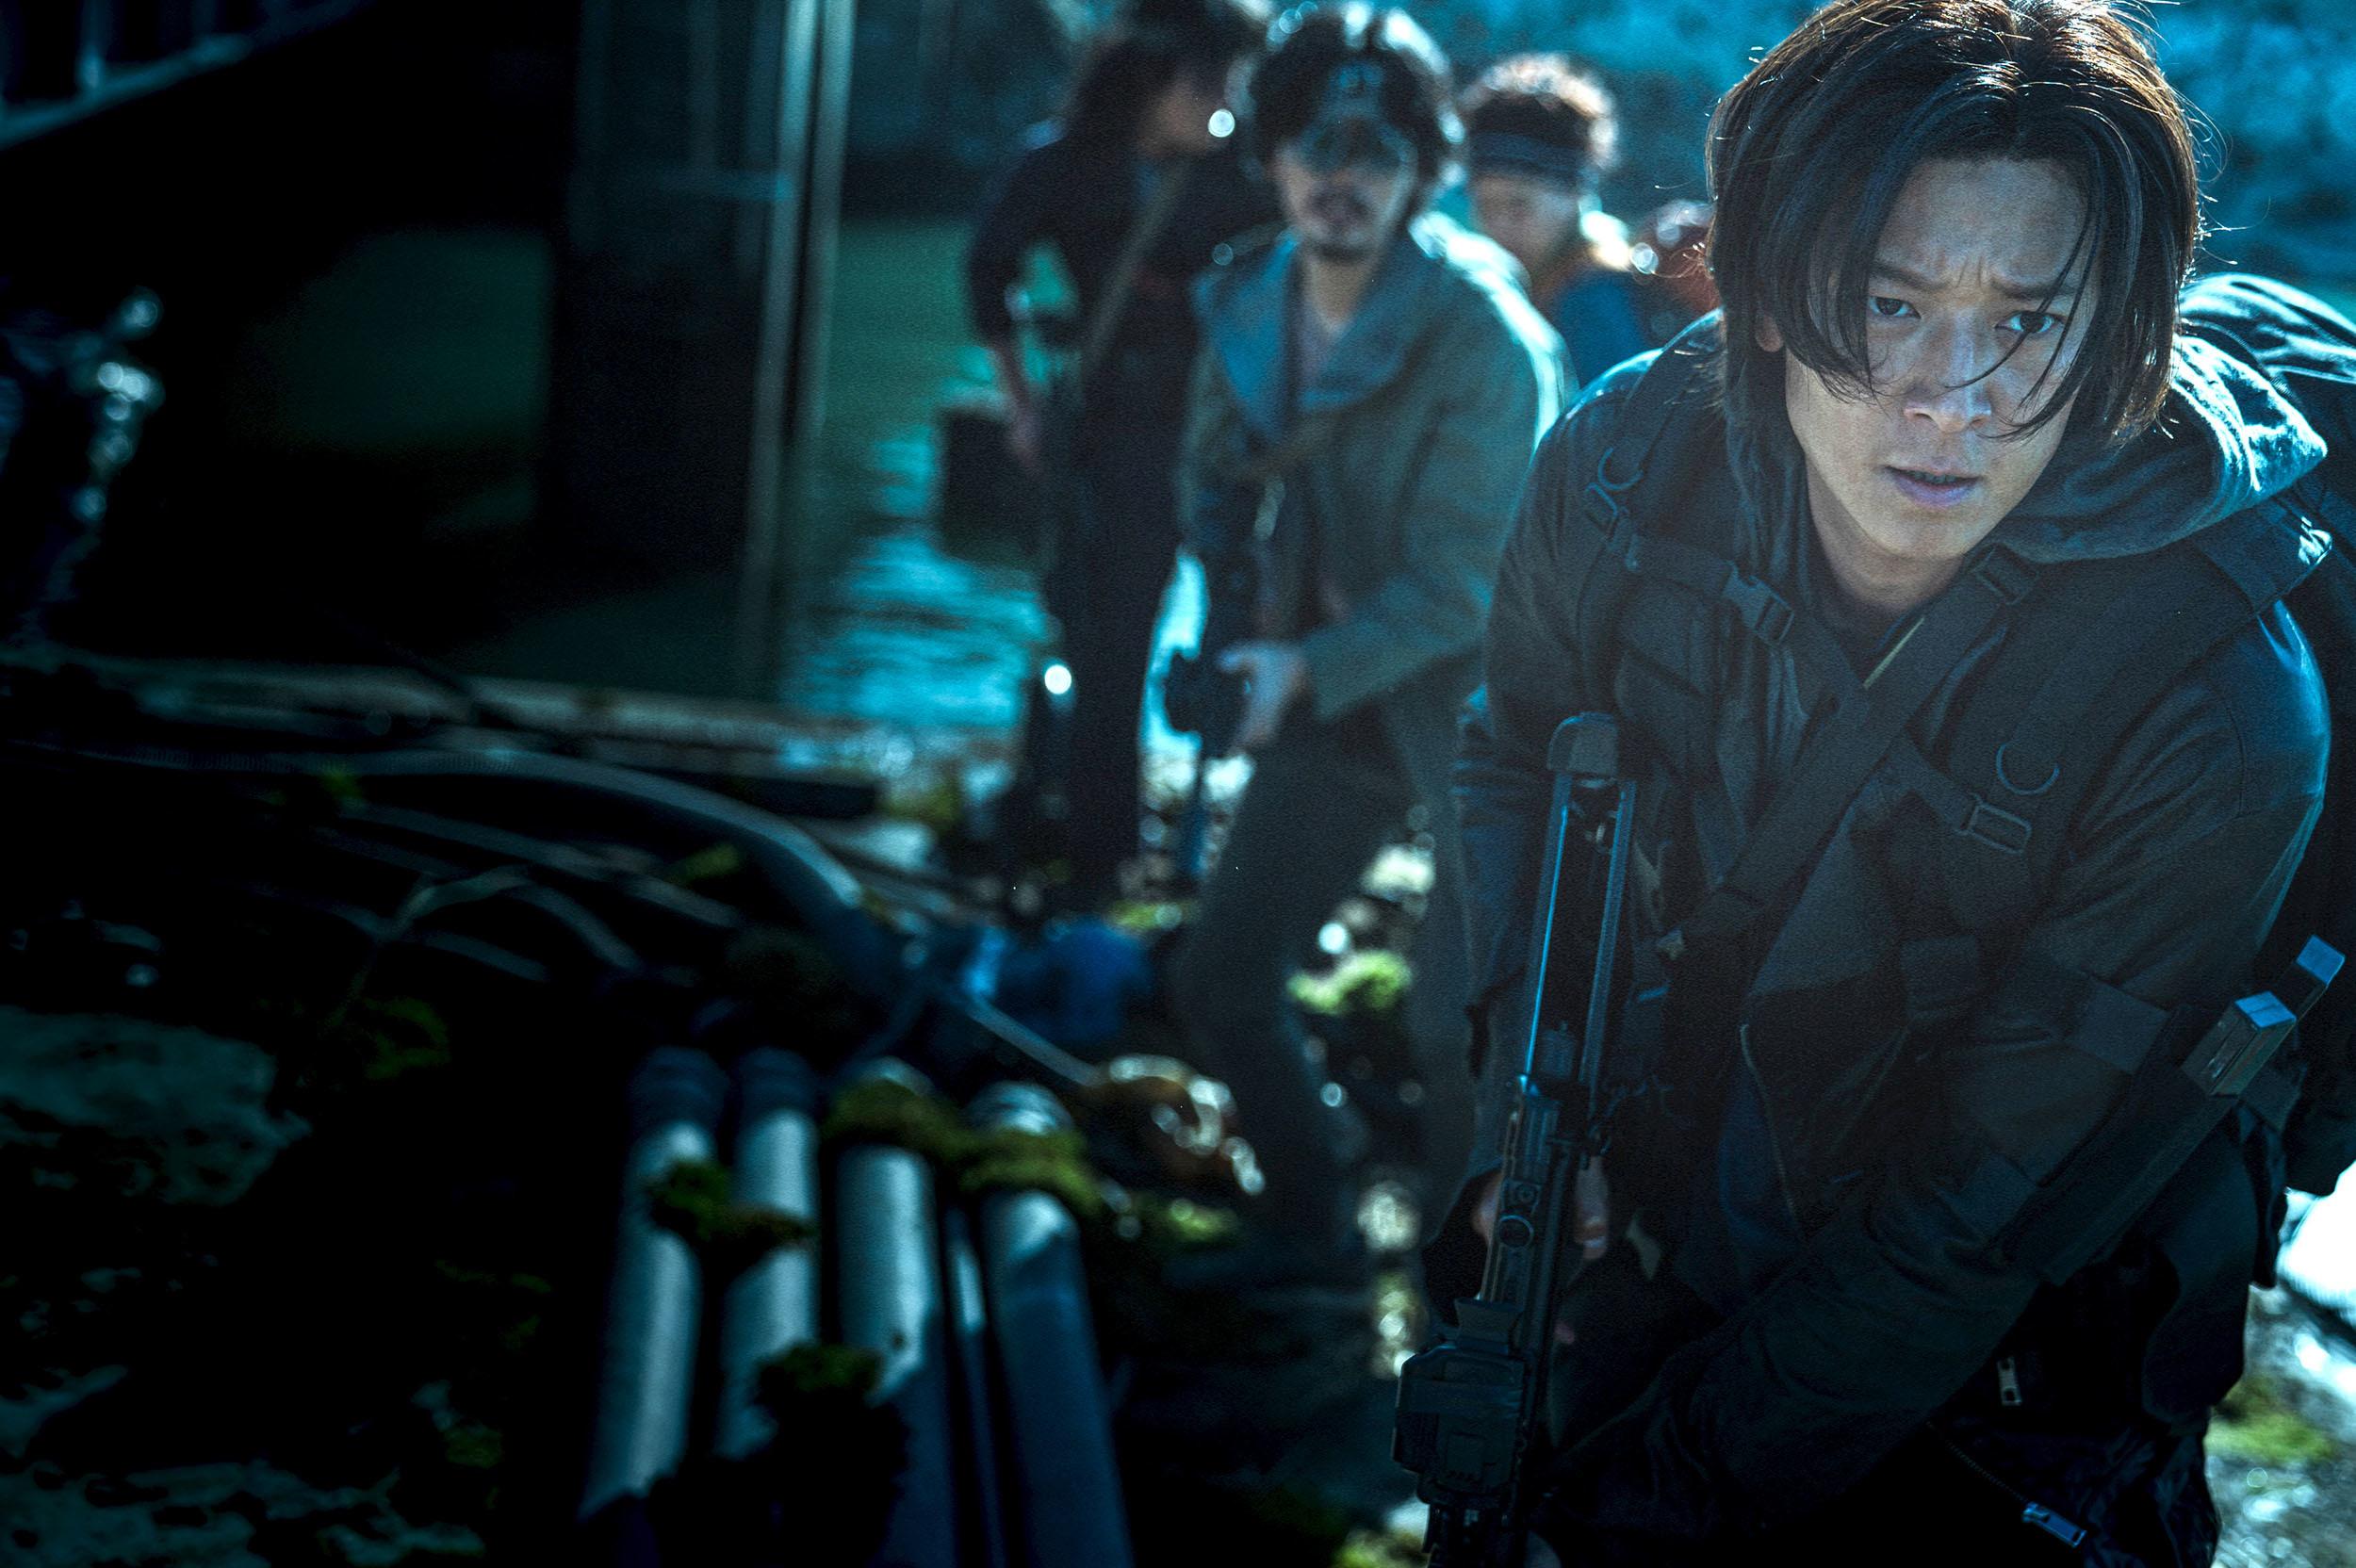 話題作『新感染半島 ファイナル・ステージ』のヒーロー、カン・ドンウォンさん降臨_1_4-5